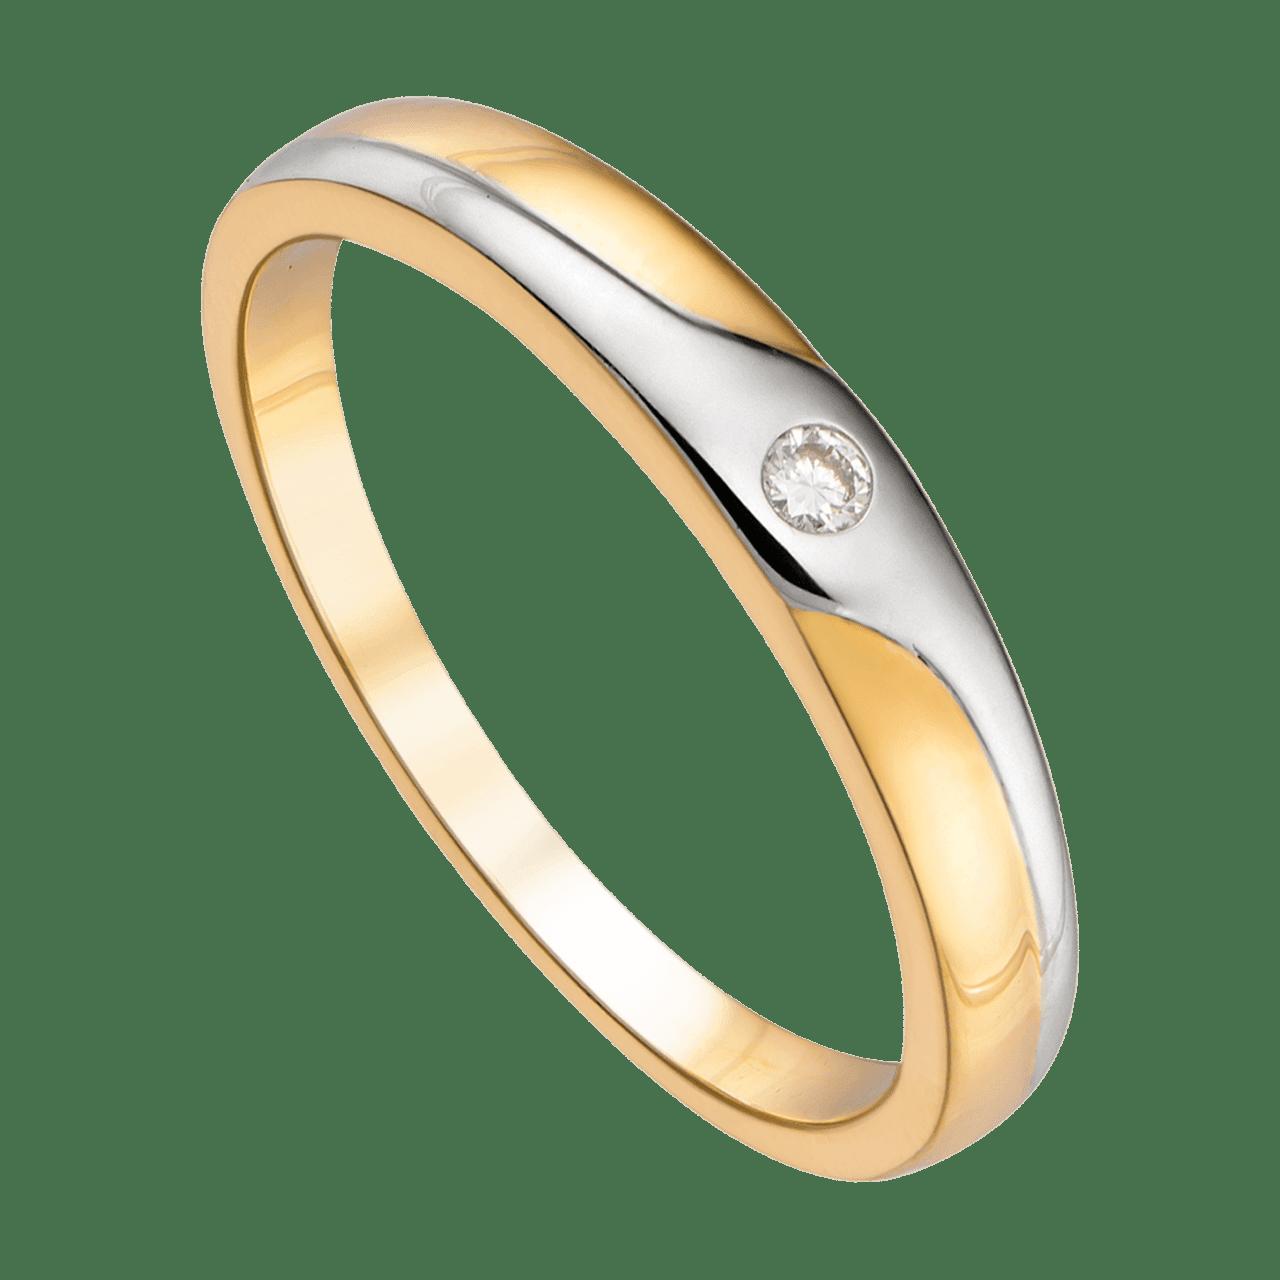 Nhẫn cưới Kim cương Vàng 18K PNJ Chung Đôi DD00C000002